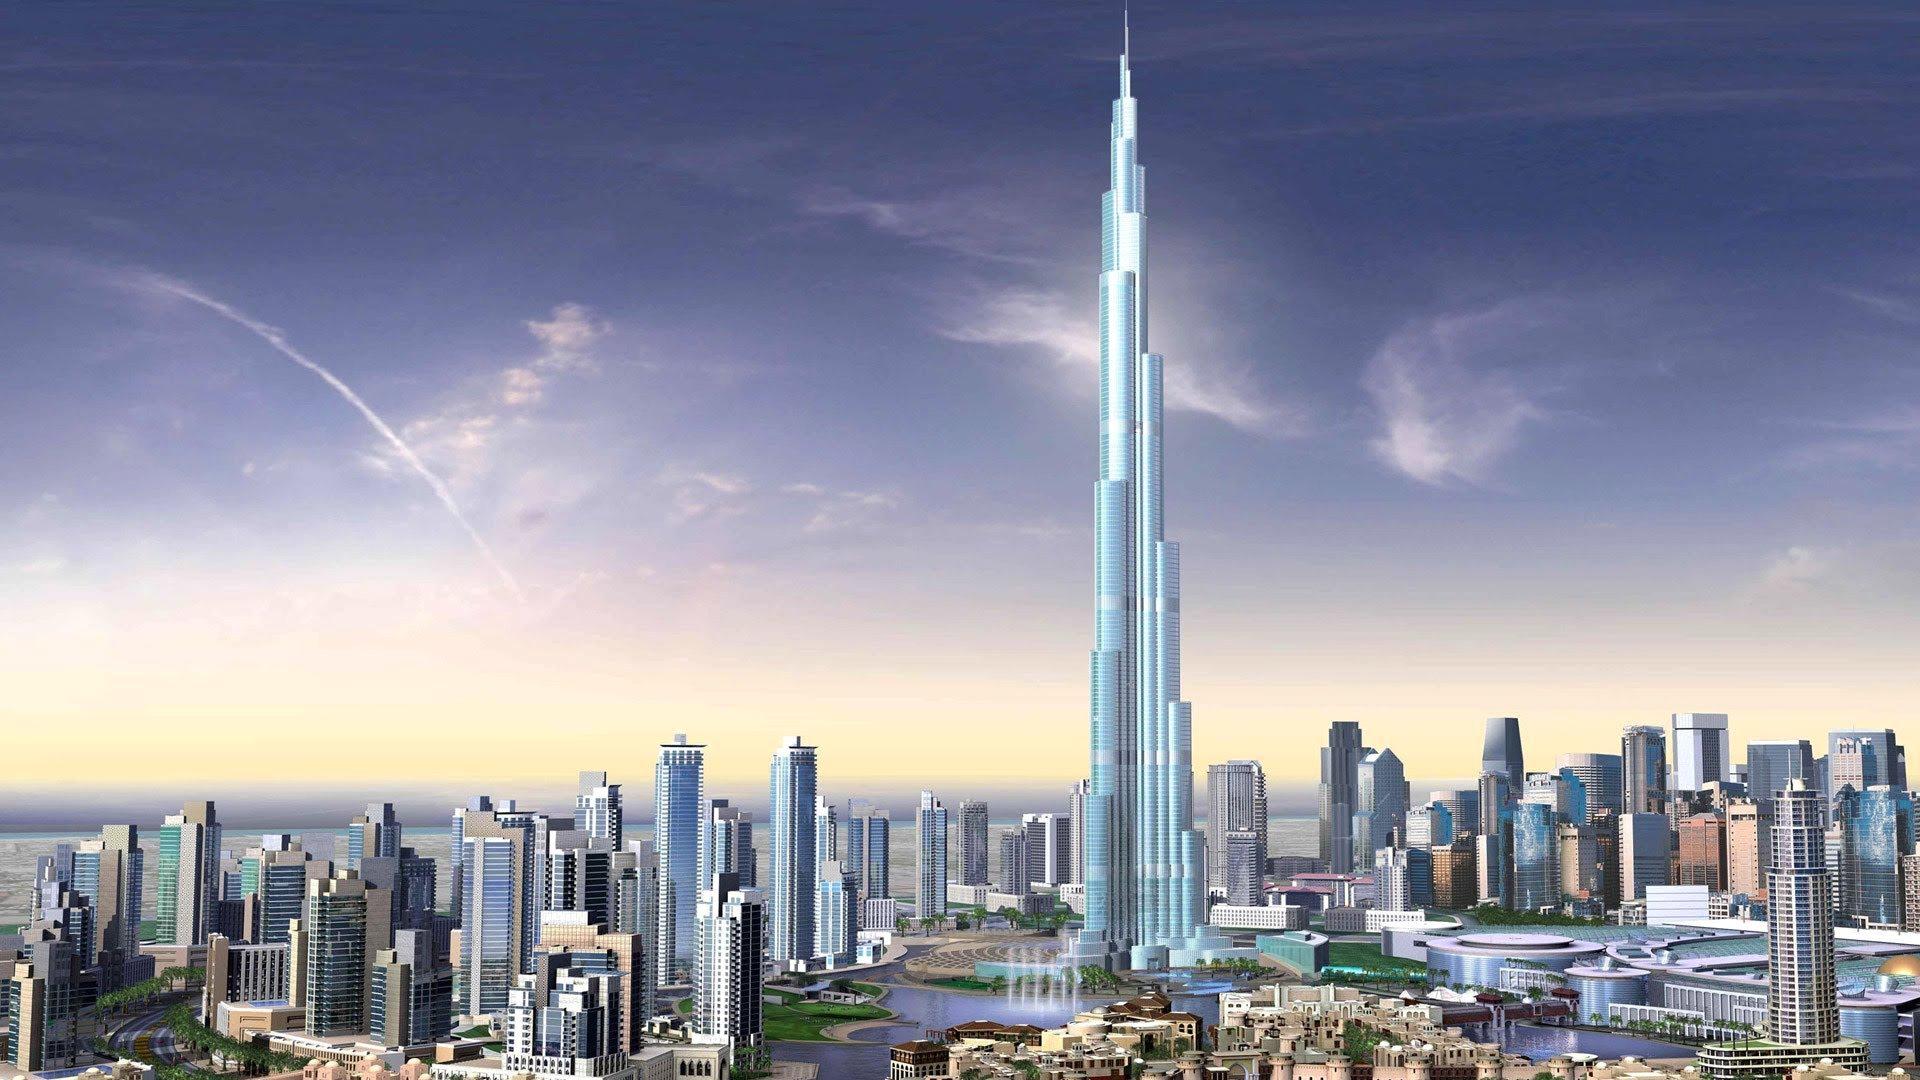 ¿Cuántos escalones hay que subir para llegar a los edificios más altos?